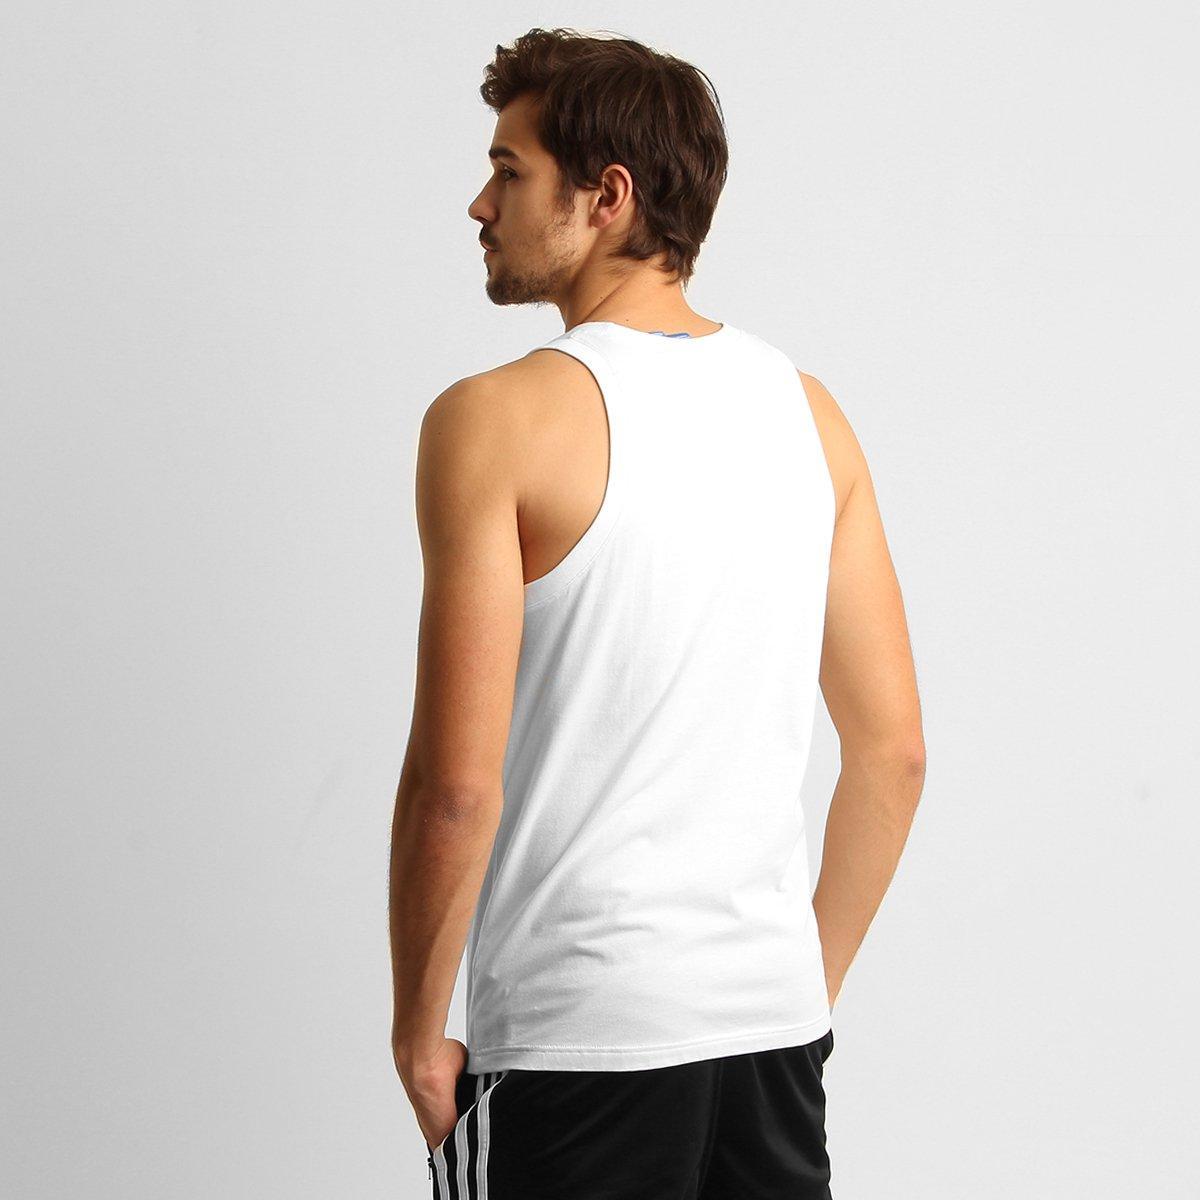 8038dd3b55 Camiseta Regata Adidas Originals Trefoil  Camiseta Regata Adidas Originals  Trefoil ...